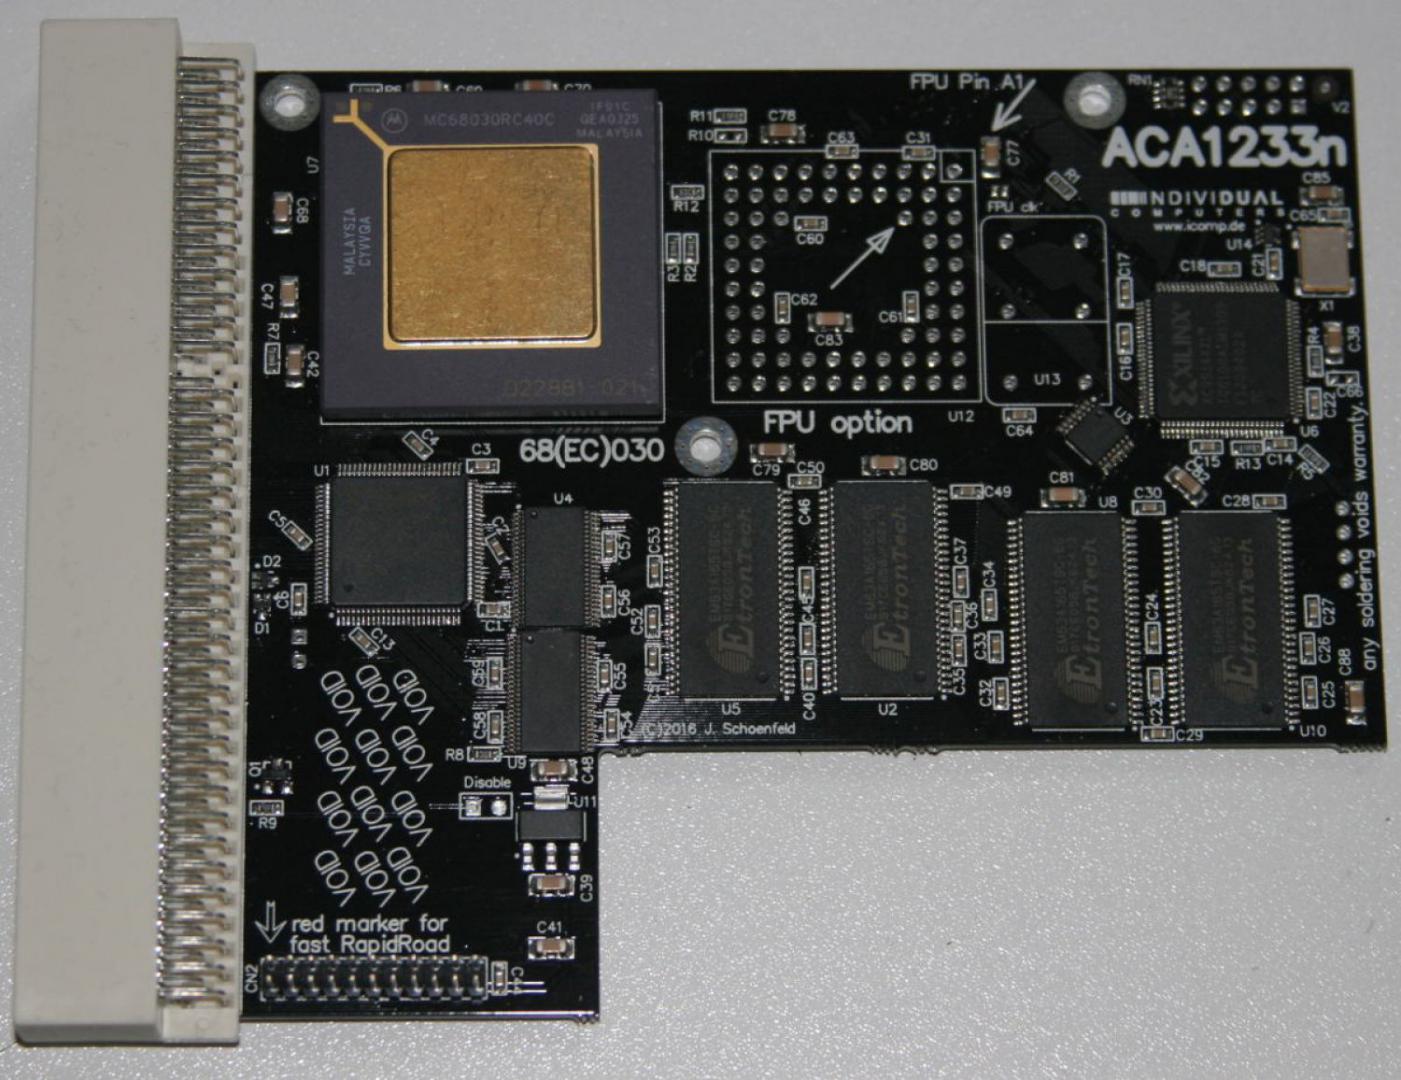 Klikněte na obrázek pro zobrazení větší verze  Název: aca1233n-40_production_unit-b2c01165.jpg Zobrazeno: 56 Velikost: 191,4 KB ID: 9623